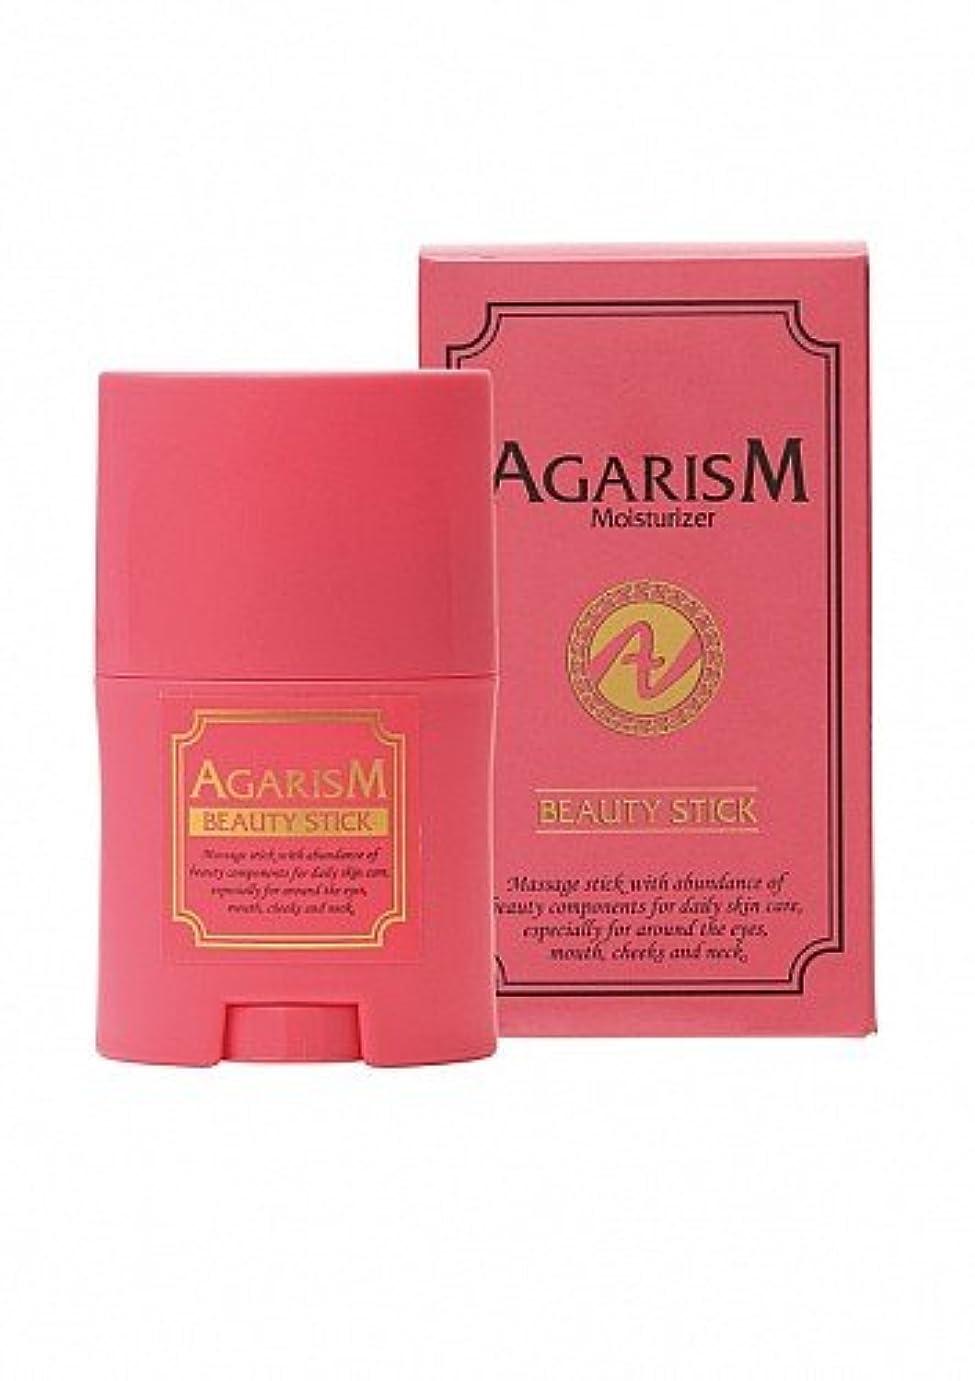 請求たぶんシフトAGARISM モイスチャライザー アガリズム 小顔ローラー 美容クリーム むくみ防止 保湿 引き締め成分 天然オイル配合